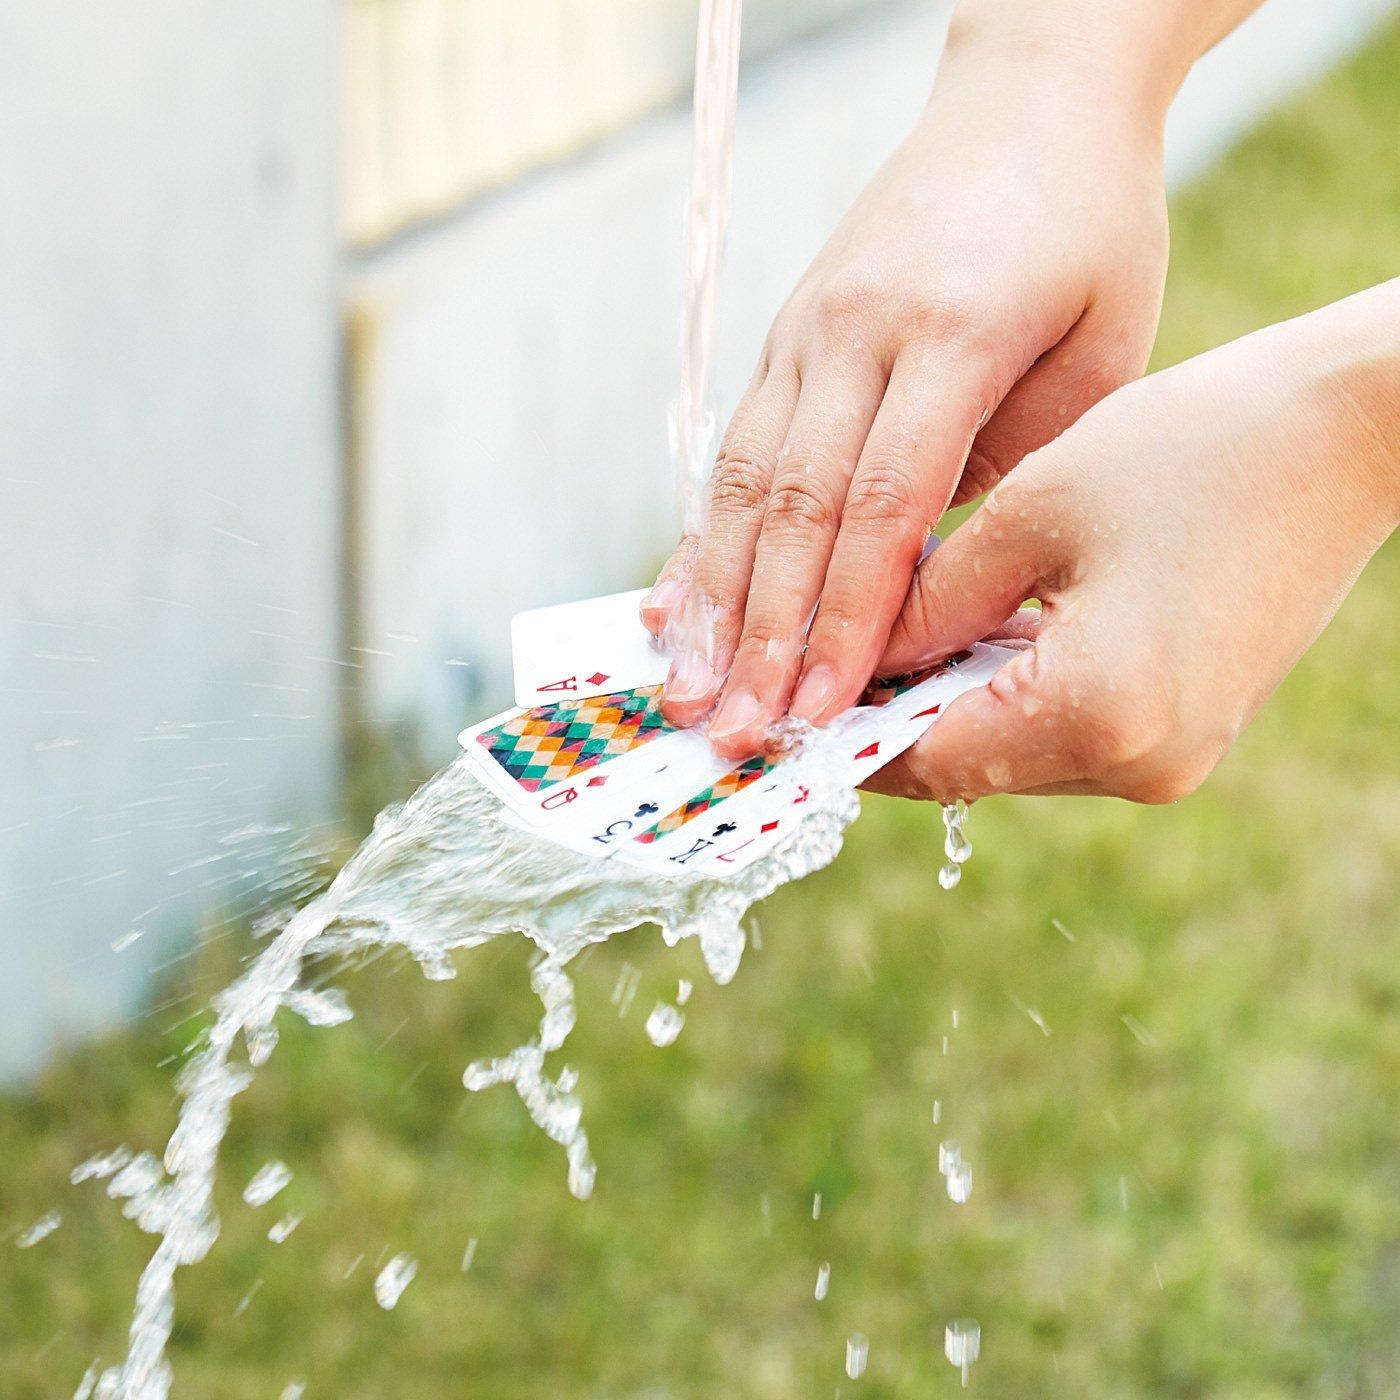 ぬれても汚れてもへっちゃら! 水で洗えるスリムな防水トランプの会